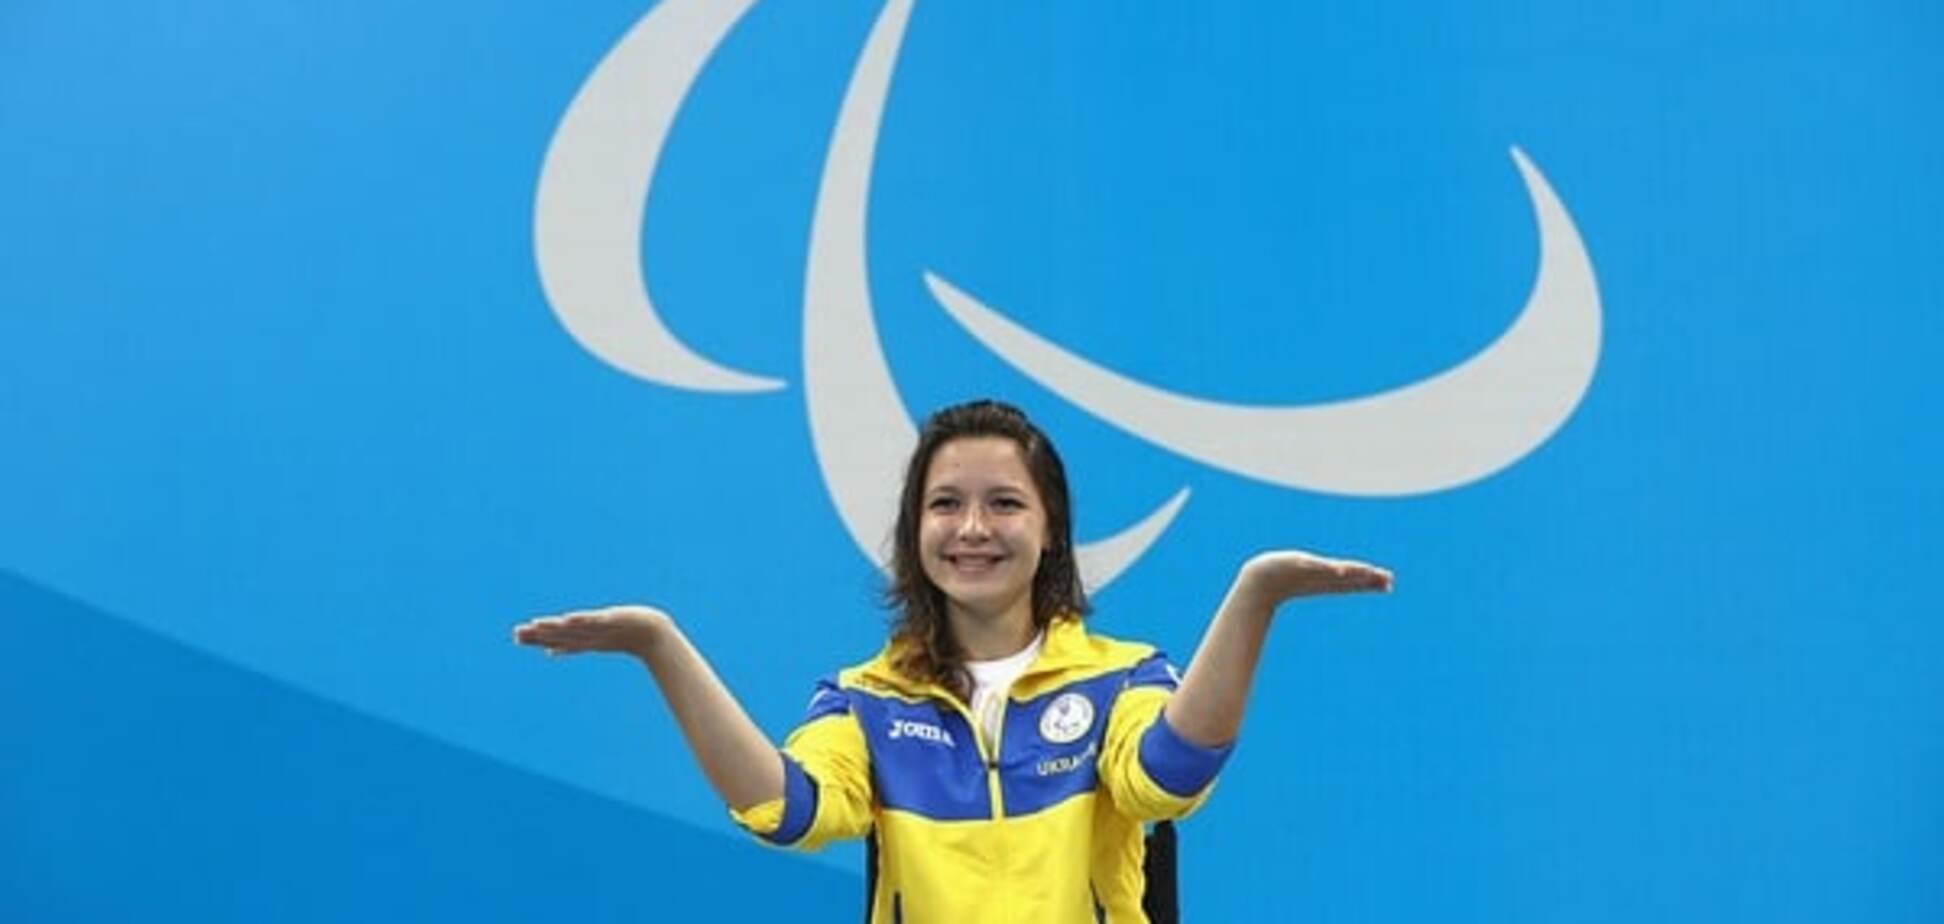 Приоритет - Паралимпиада: в проекте госбюджета Украины уменьшили расходы на олимпийскую сборную